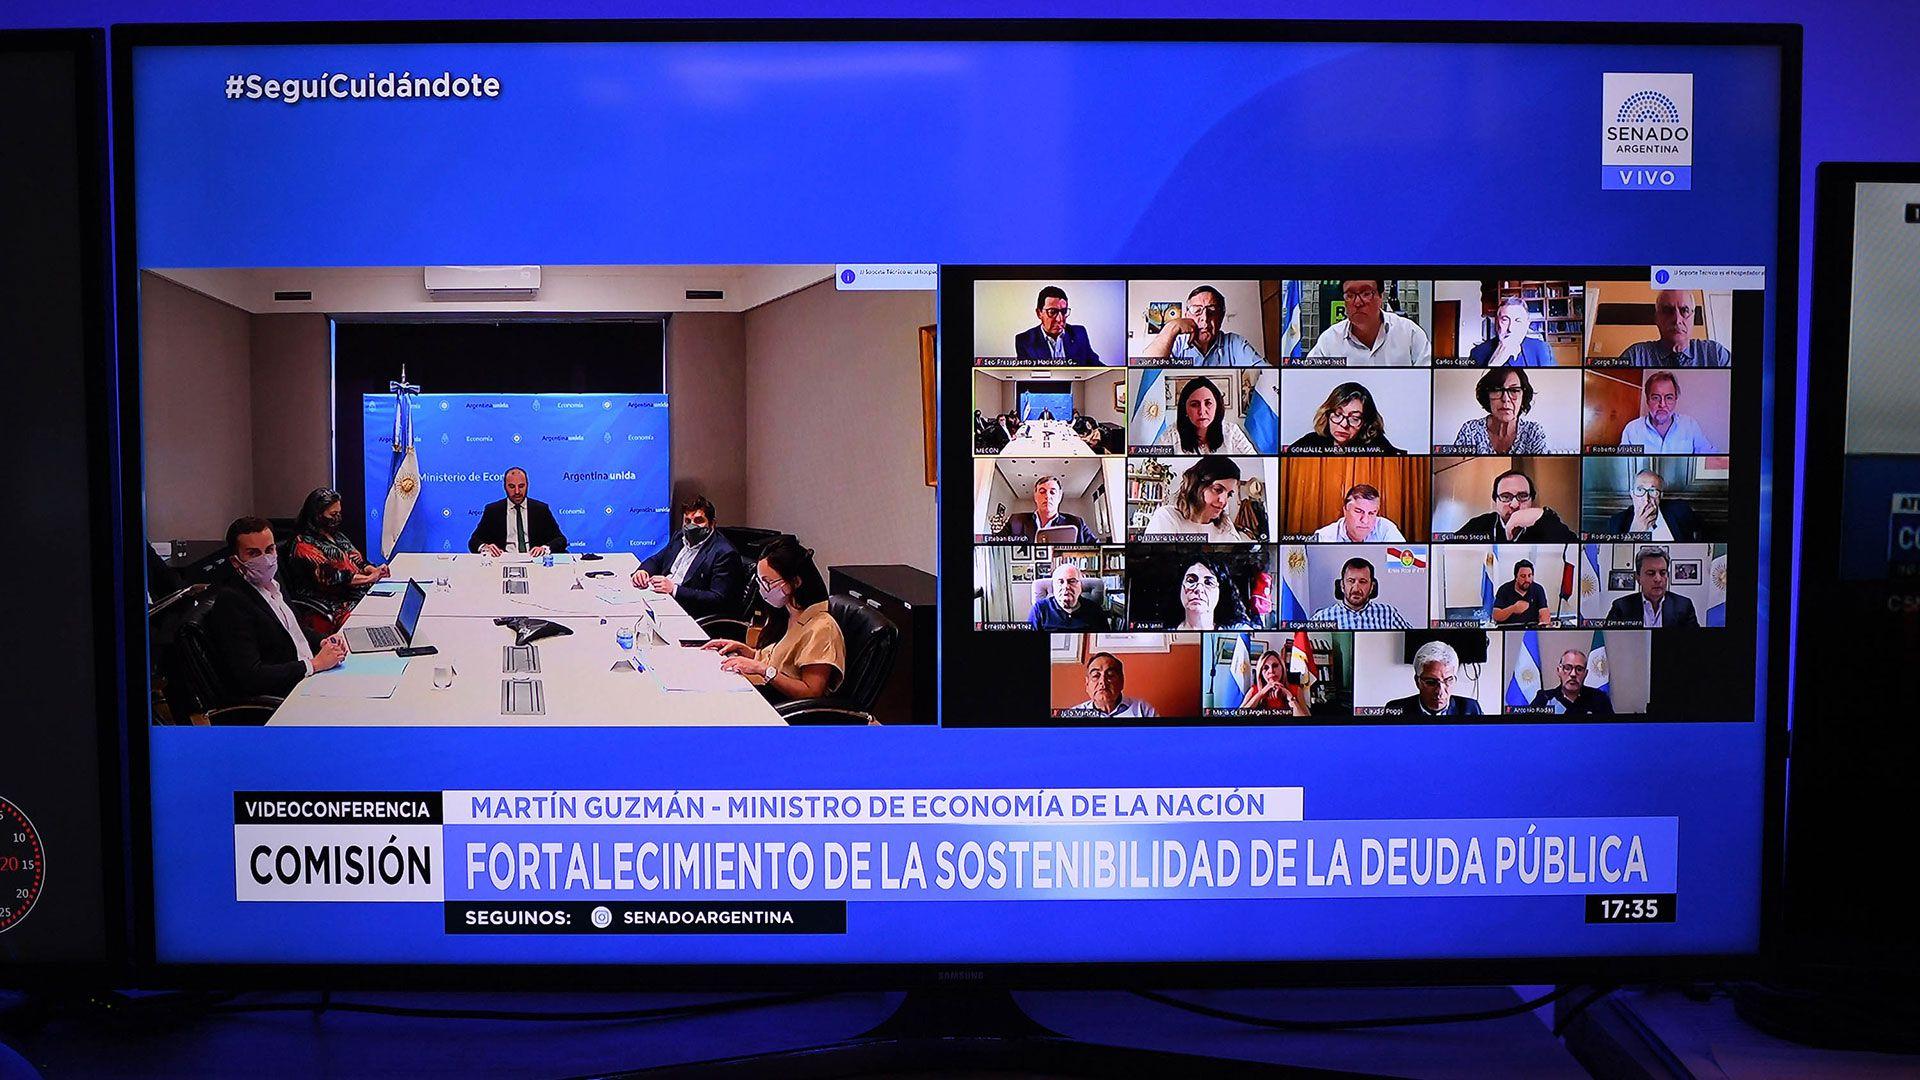 omisión de Presupuesto y Hacienda del Senado de la Nación con Martin Guzman